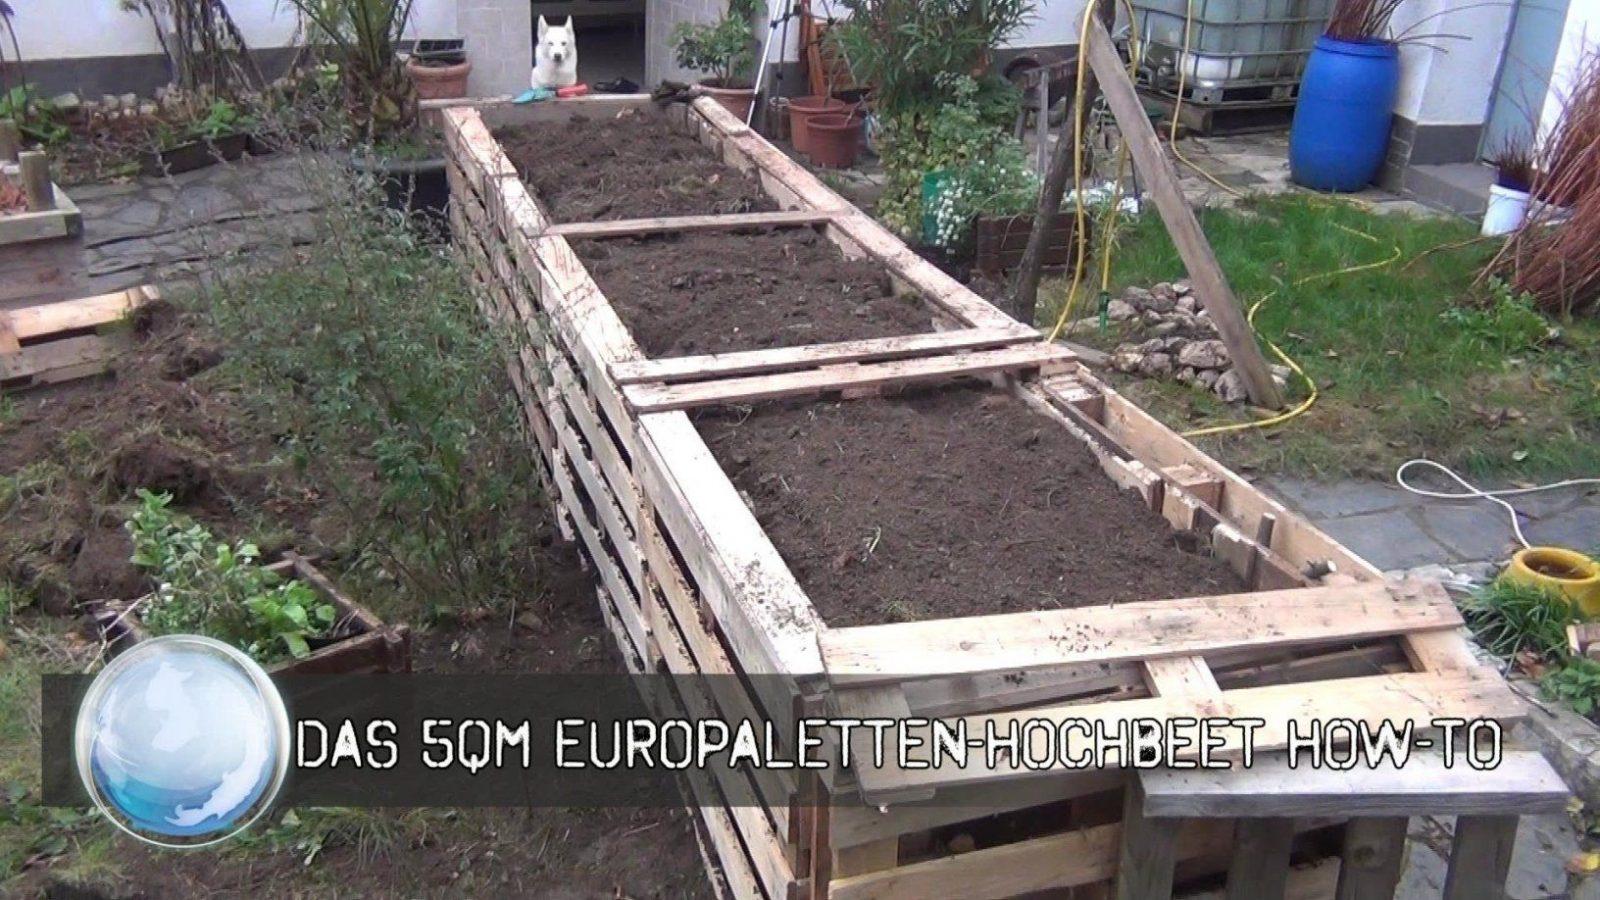 Wunderschöne Hochbeet Selber Bauen Aus Paletten Das 5Qm Europaletten von Hochbeet Selber Bauen Youtube Bild